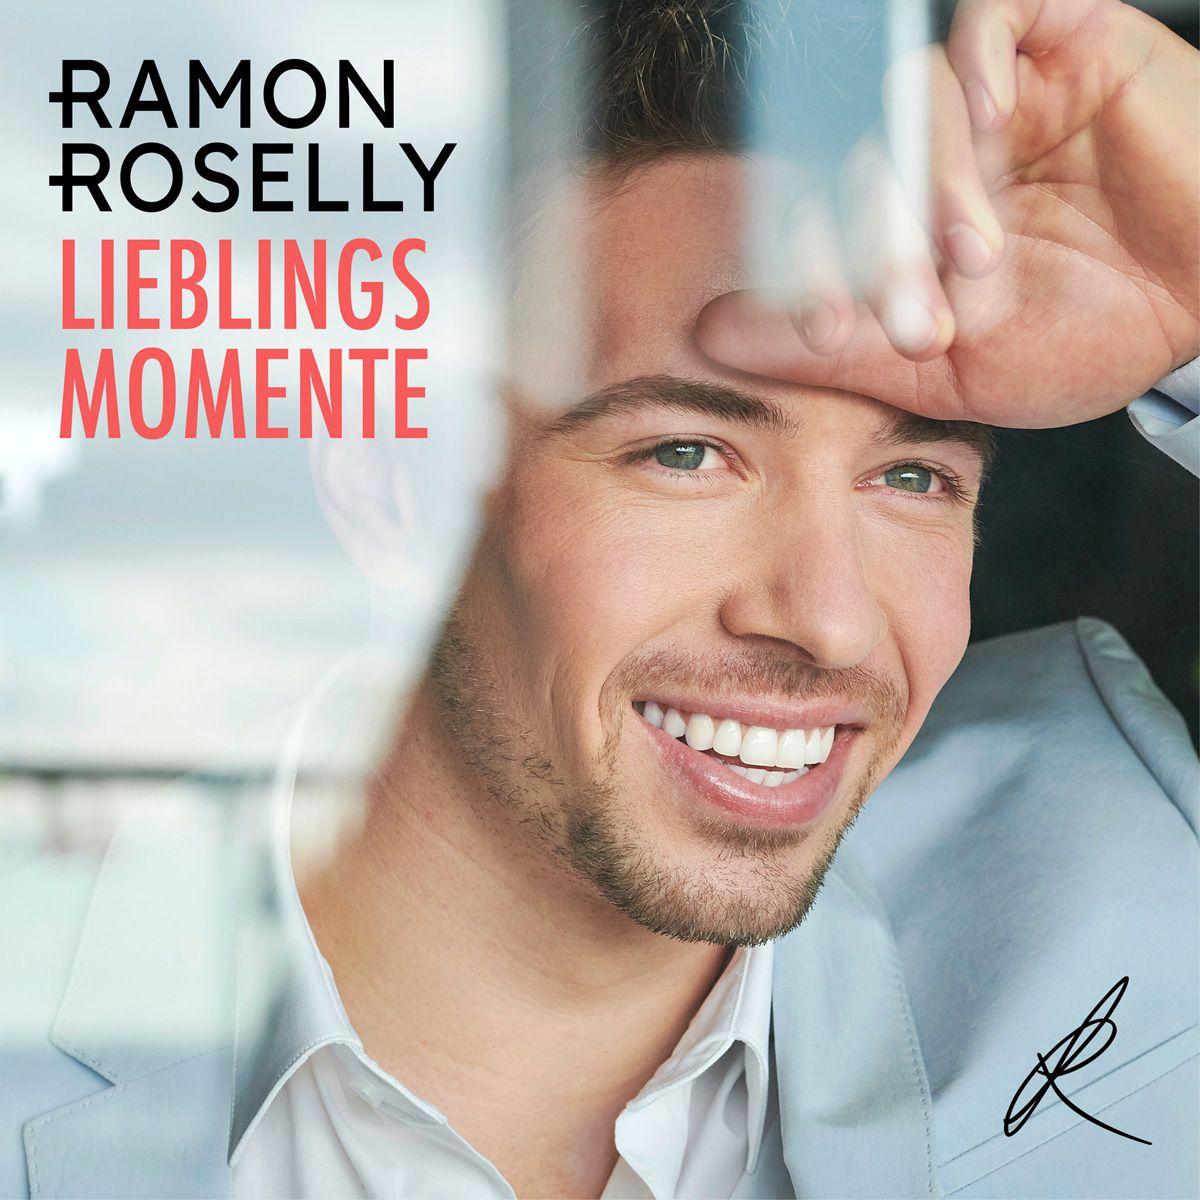 DSDS: Ramon Roselly ist jeden Samstag dabei!